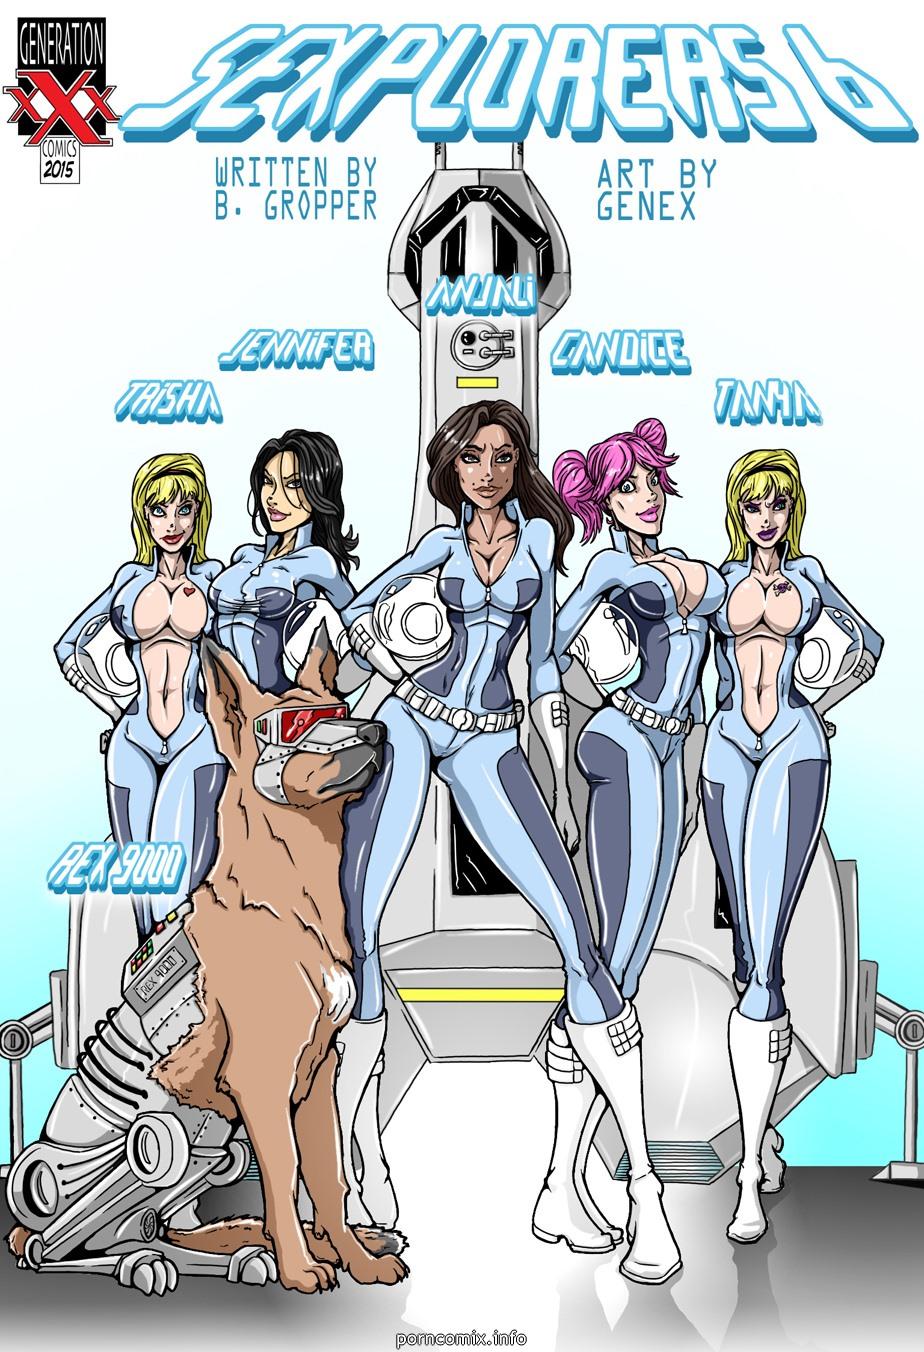 Genex - Sexplorers 6